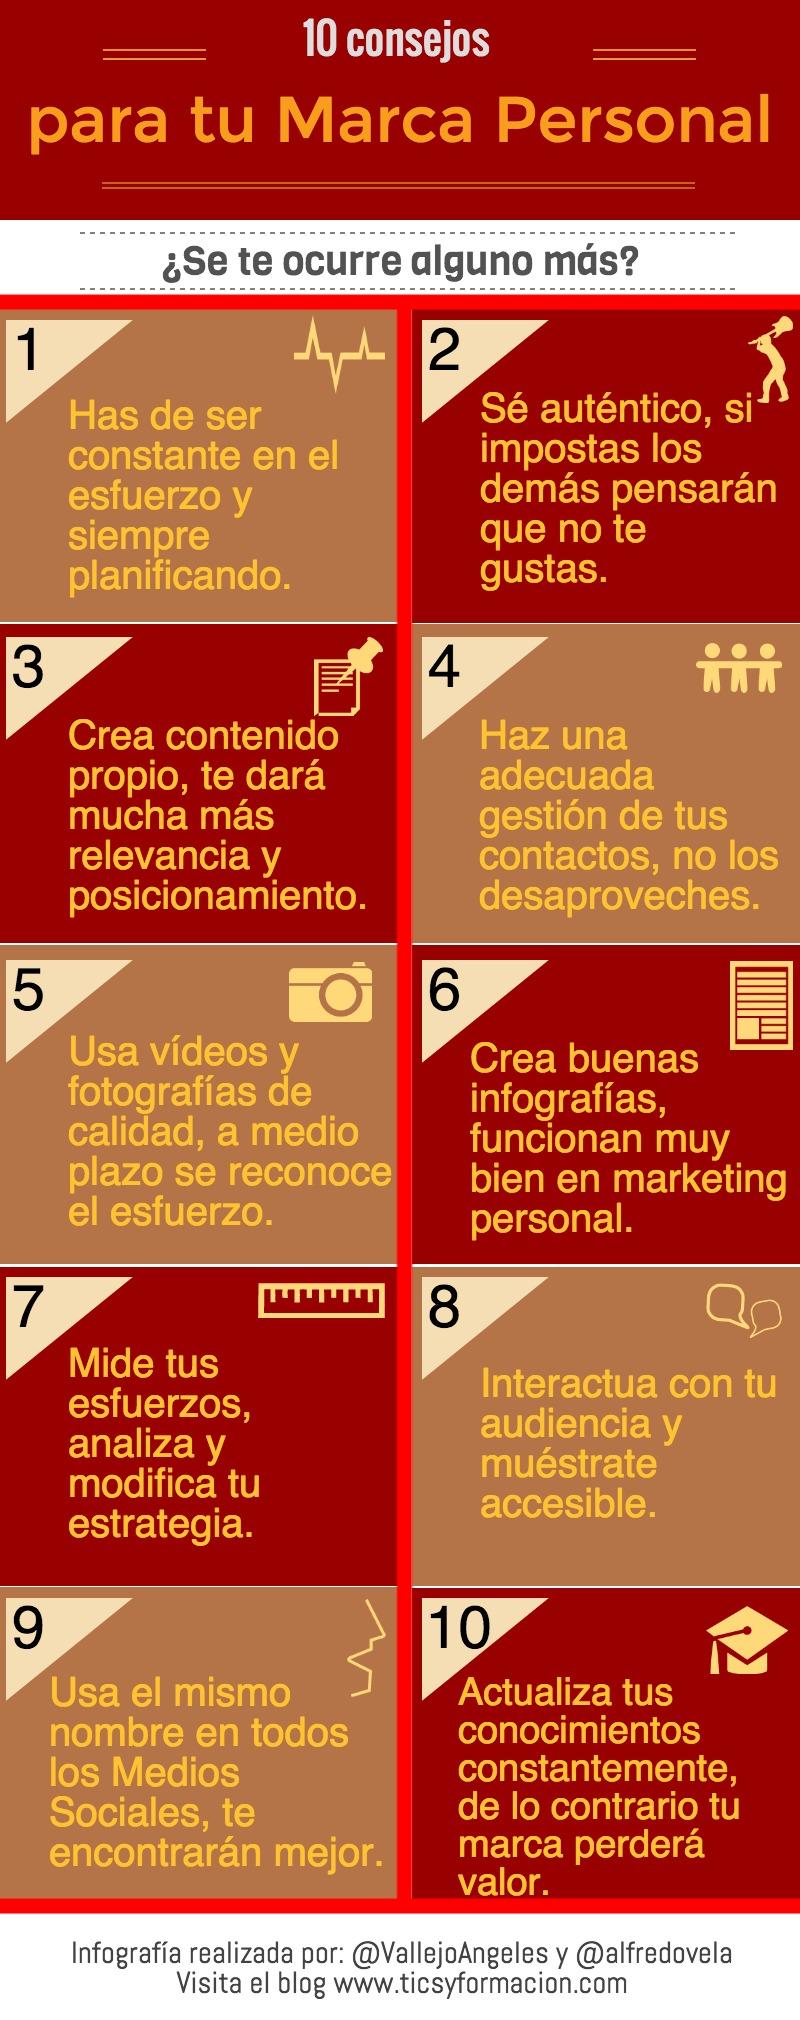 10 consejos para tu Marca Personal